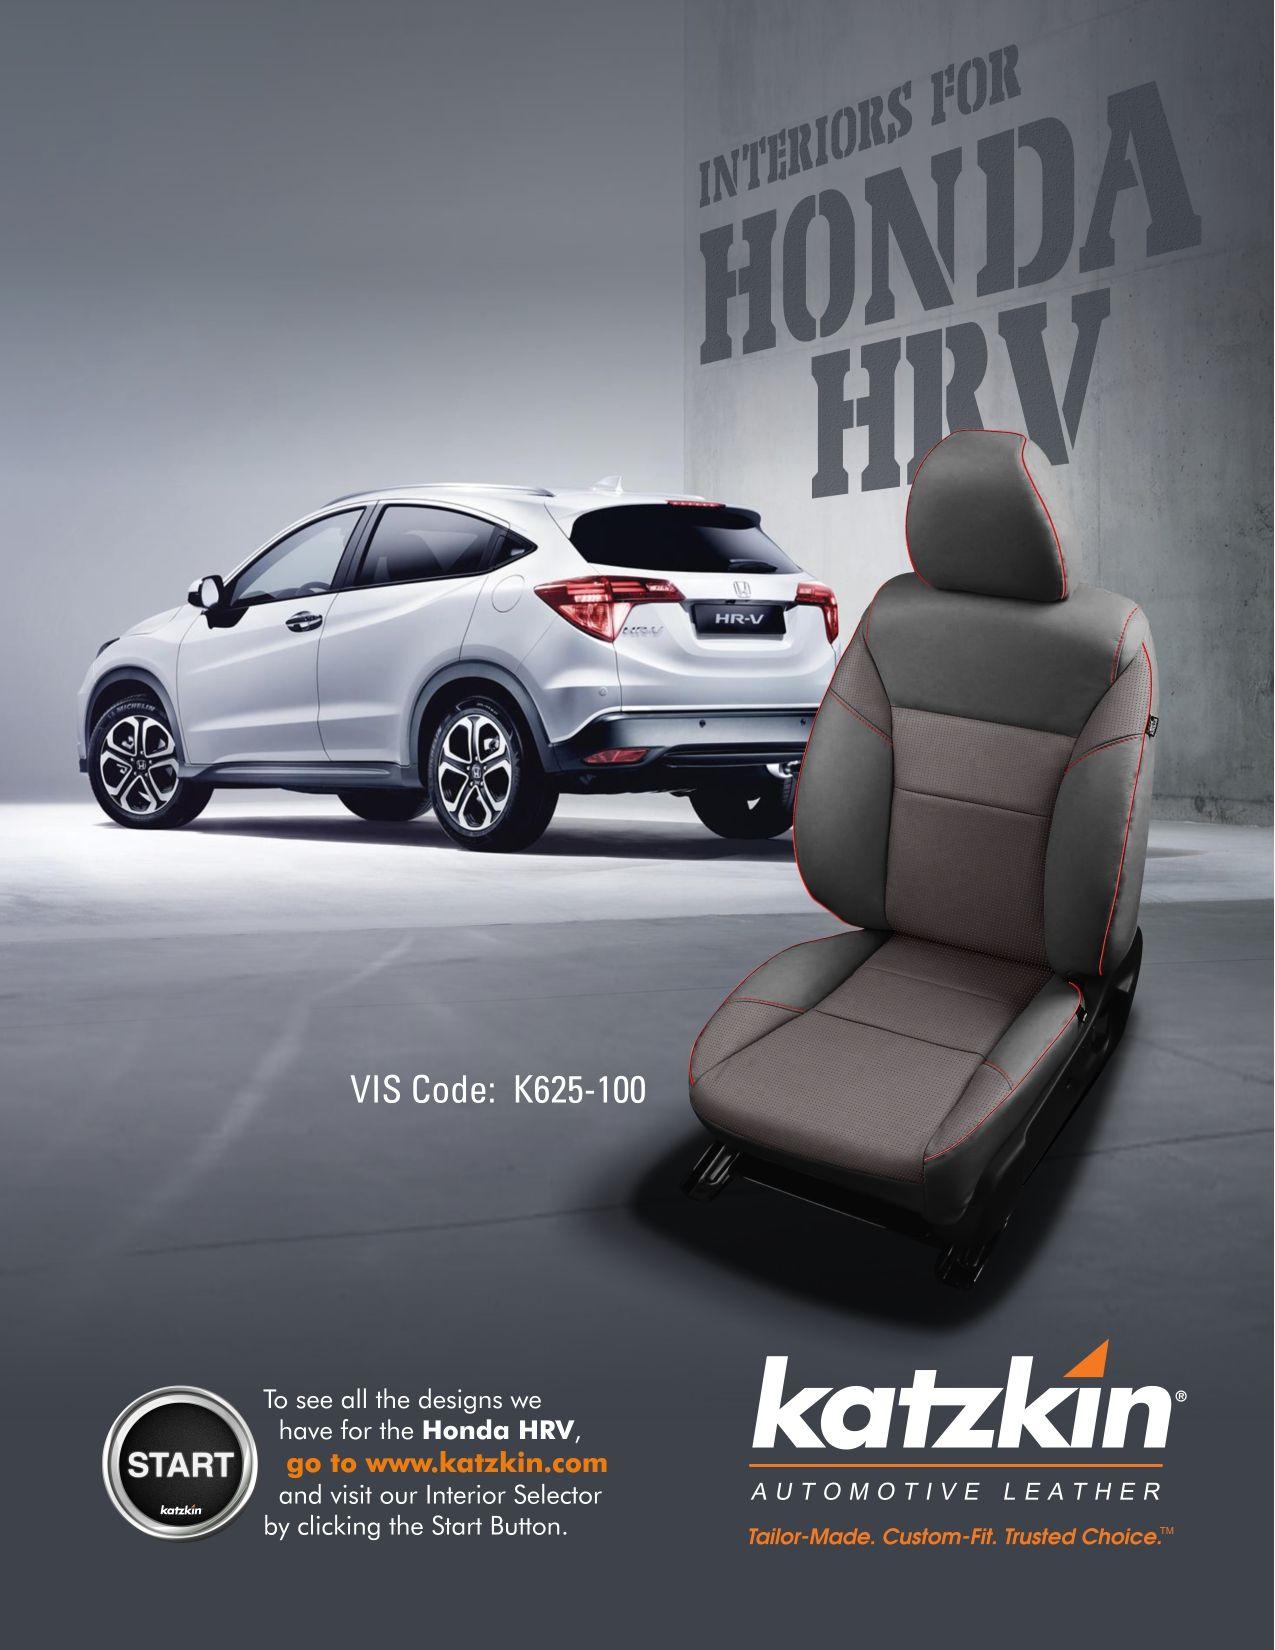 2016 Honda HRV (E-Brochure)